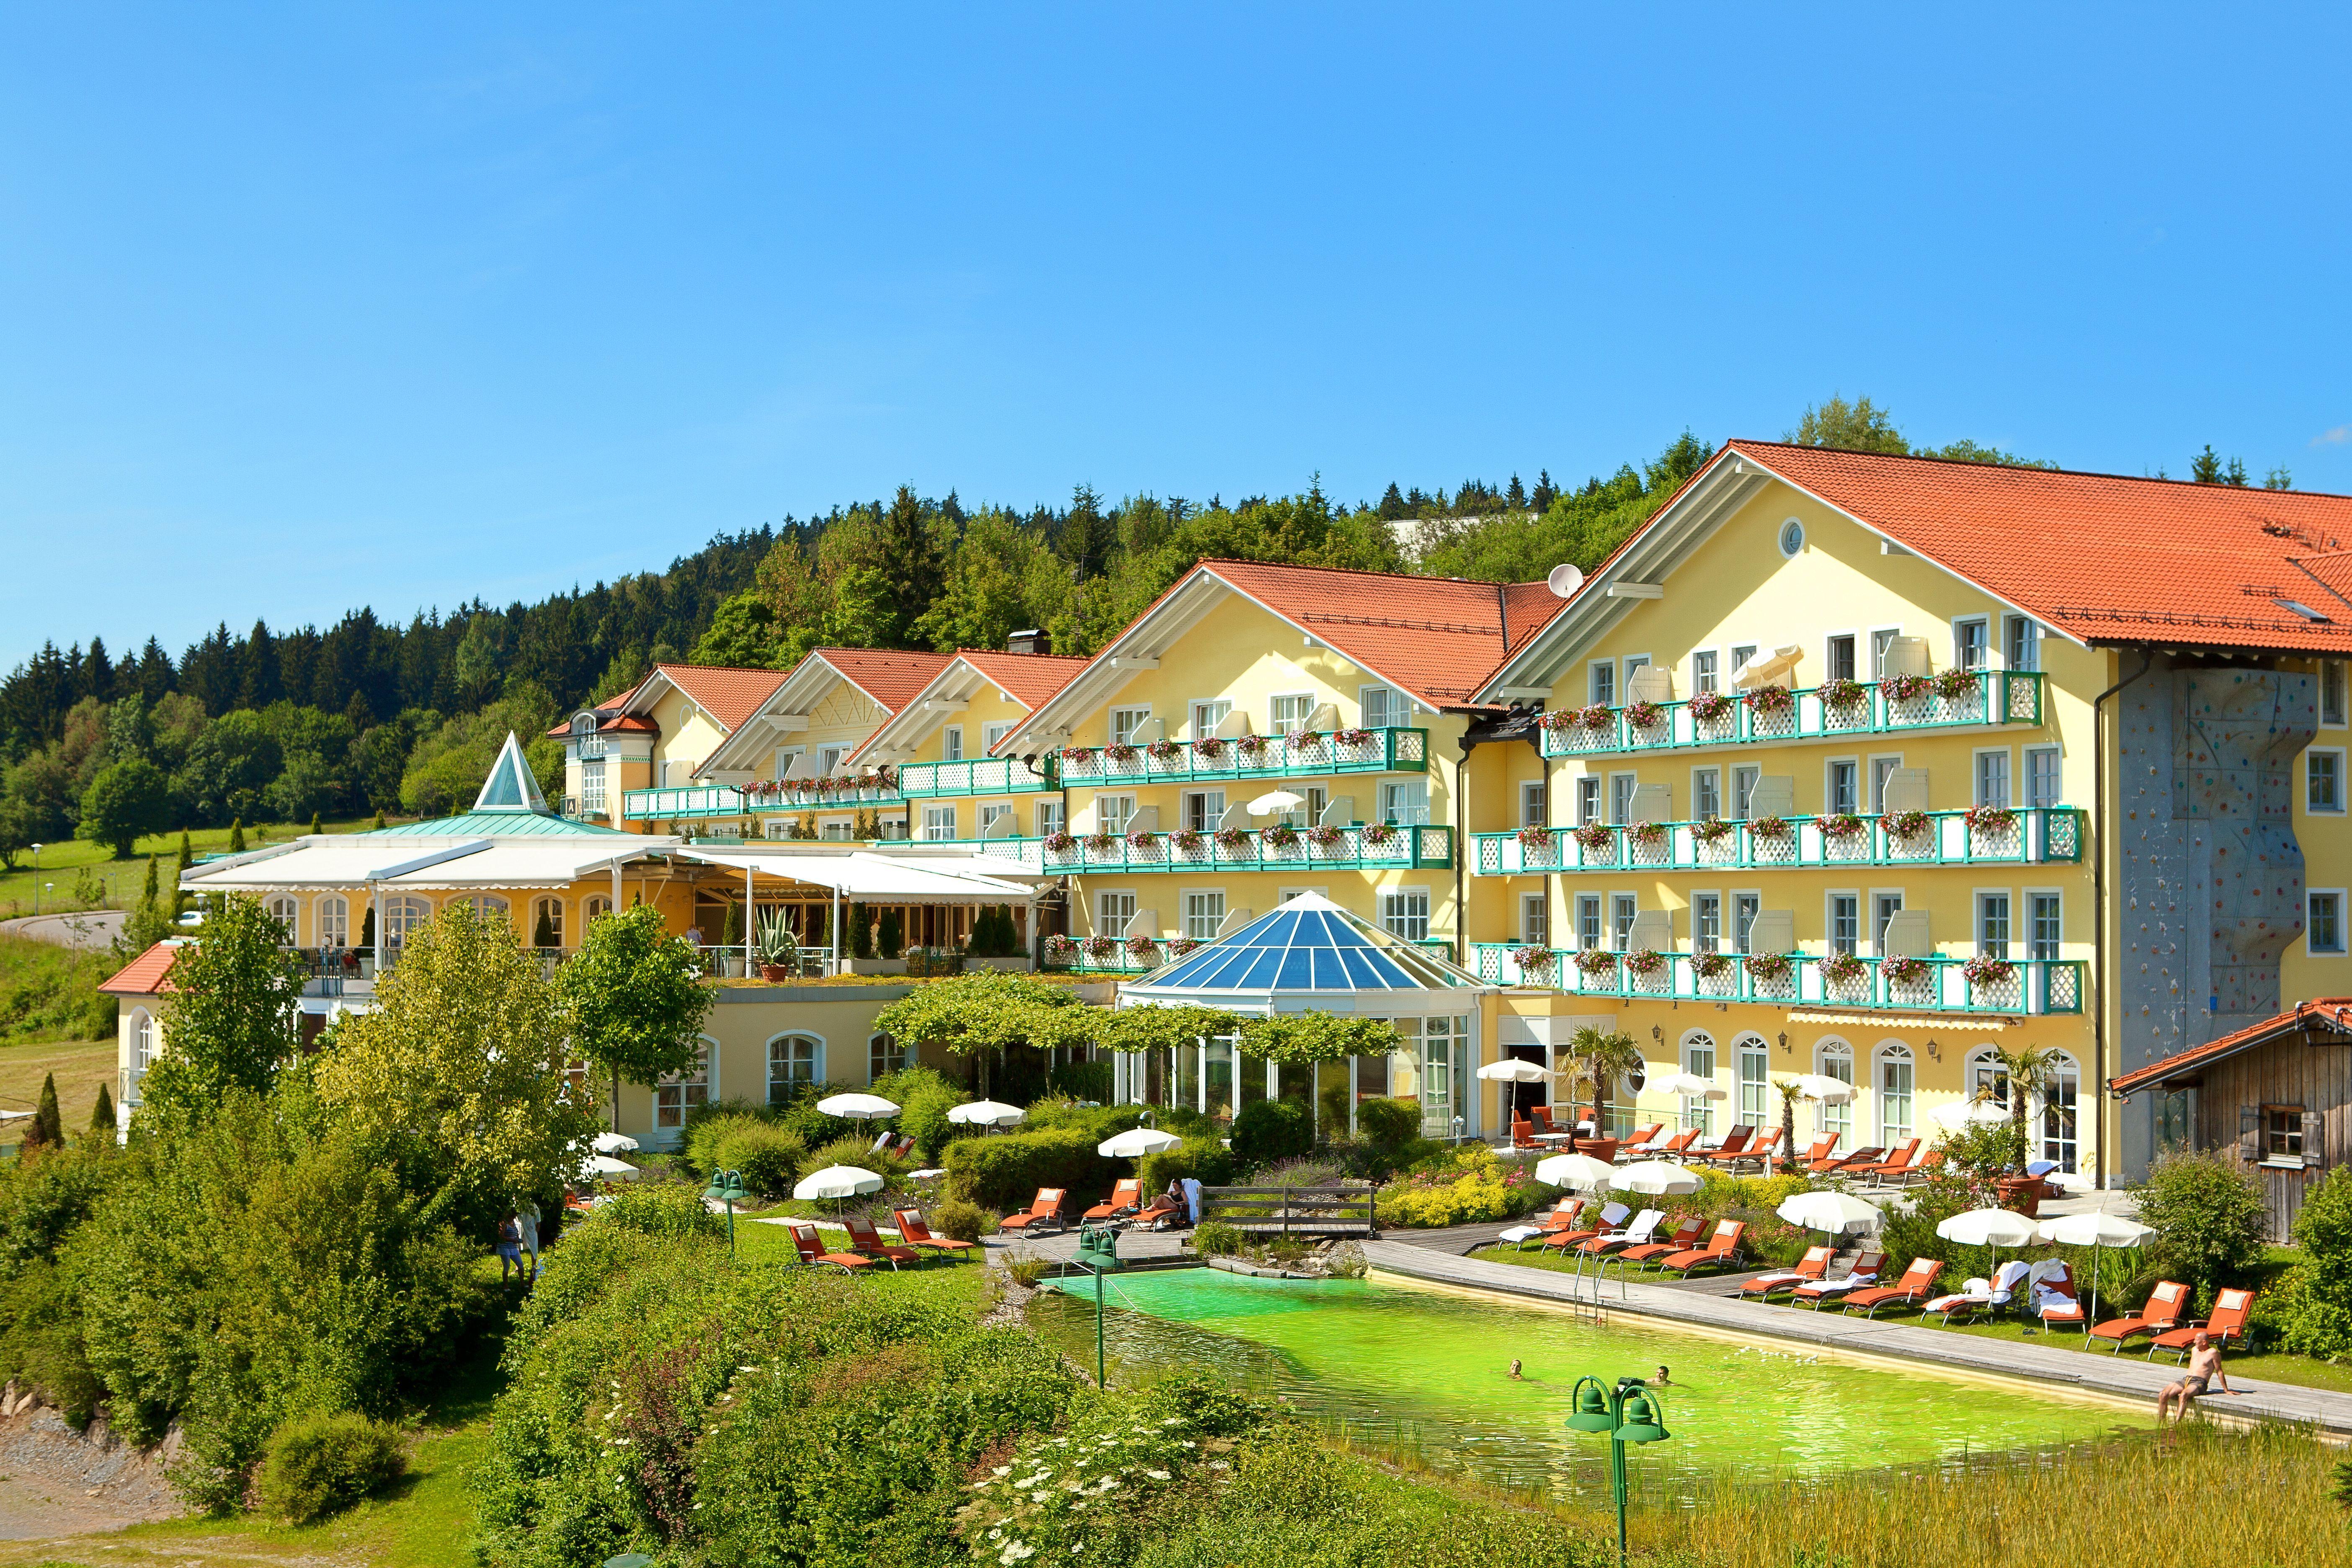 Angerhof Sport Und Wellnesshotel In St Englmar Wellnesshotel Hotel Deutschland Hotel